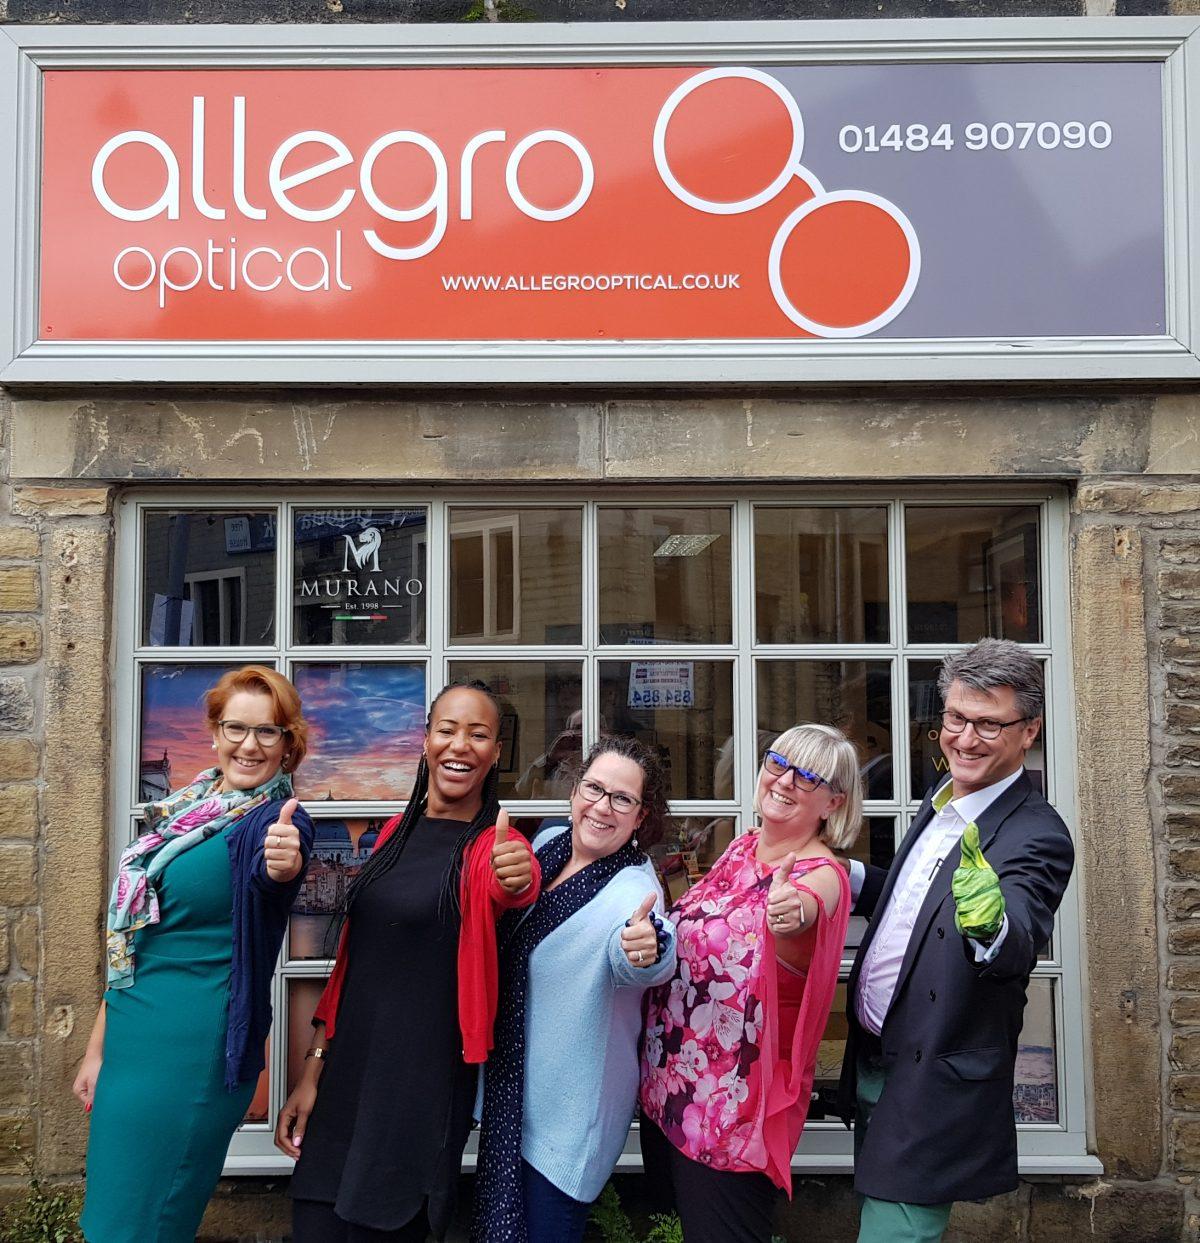 David Green at Allegro Optical